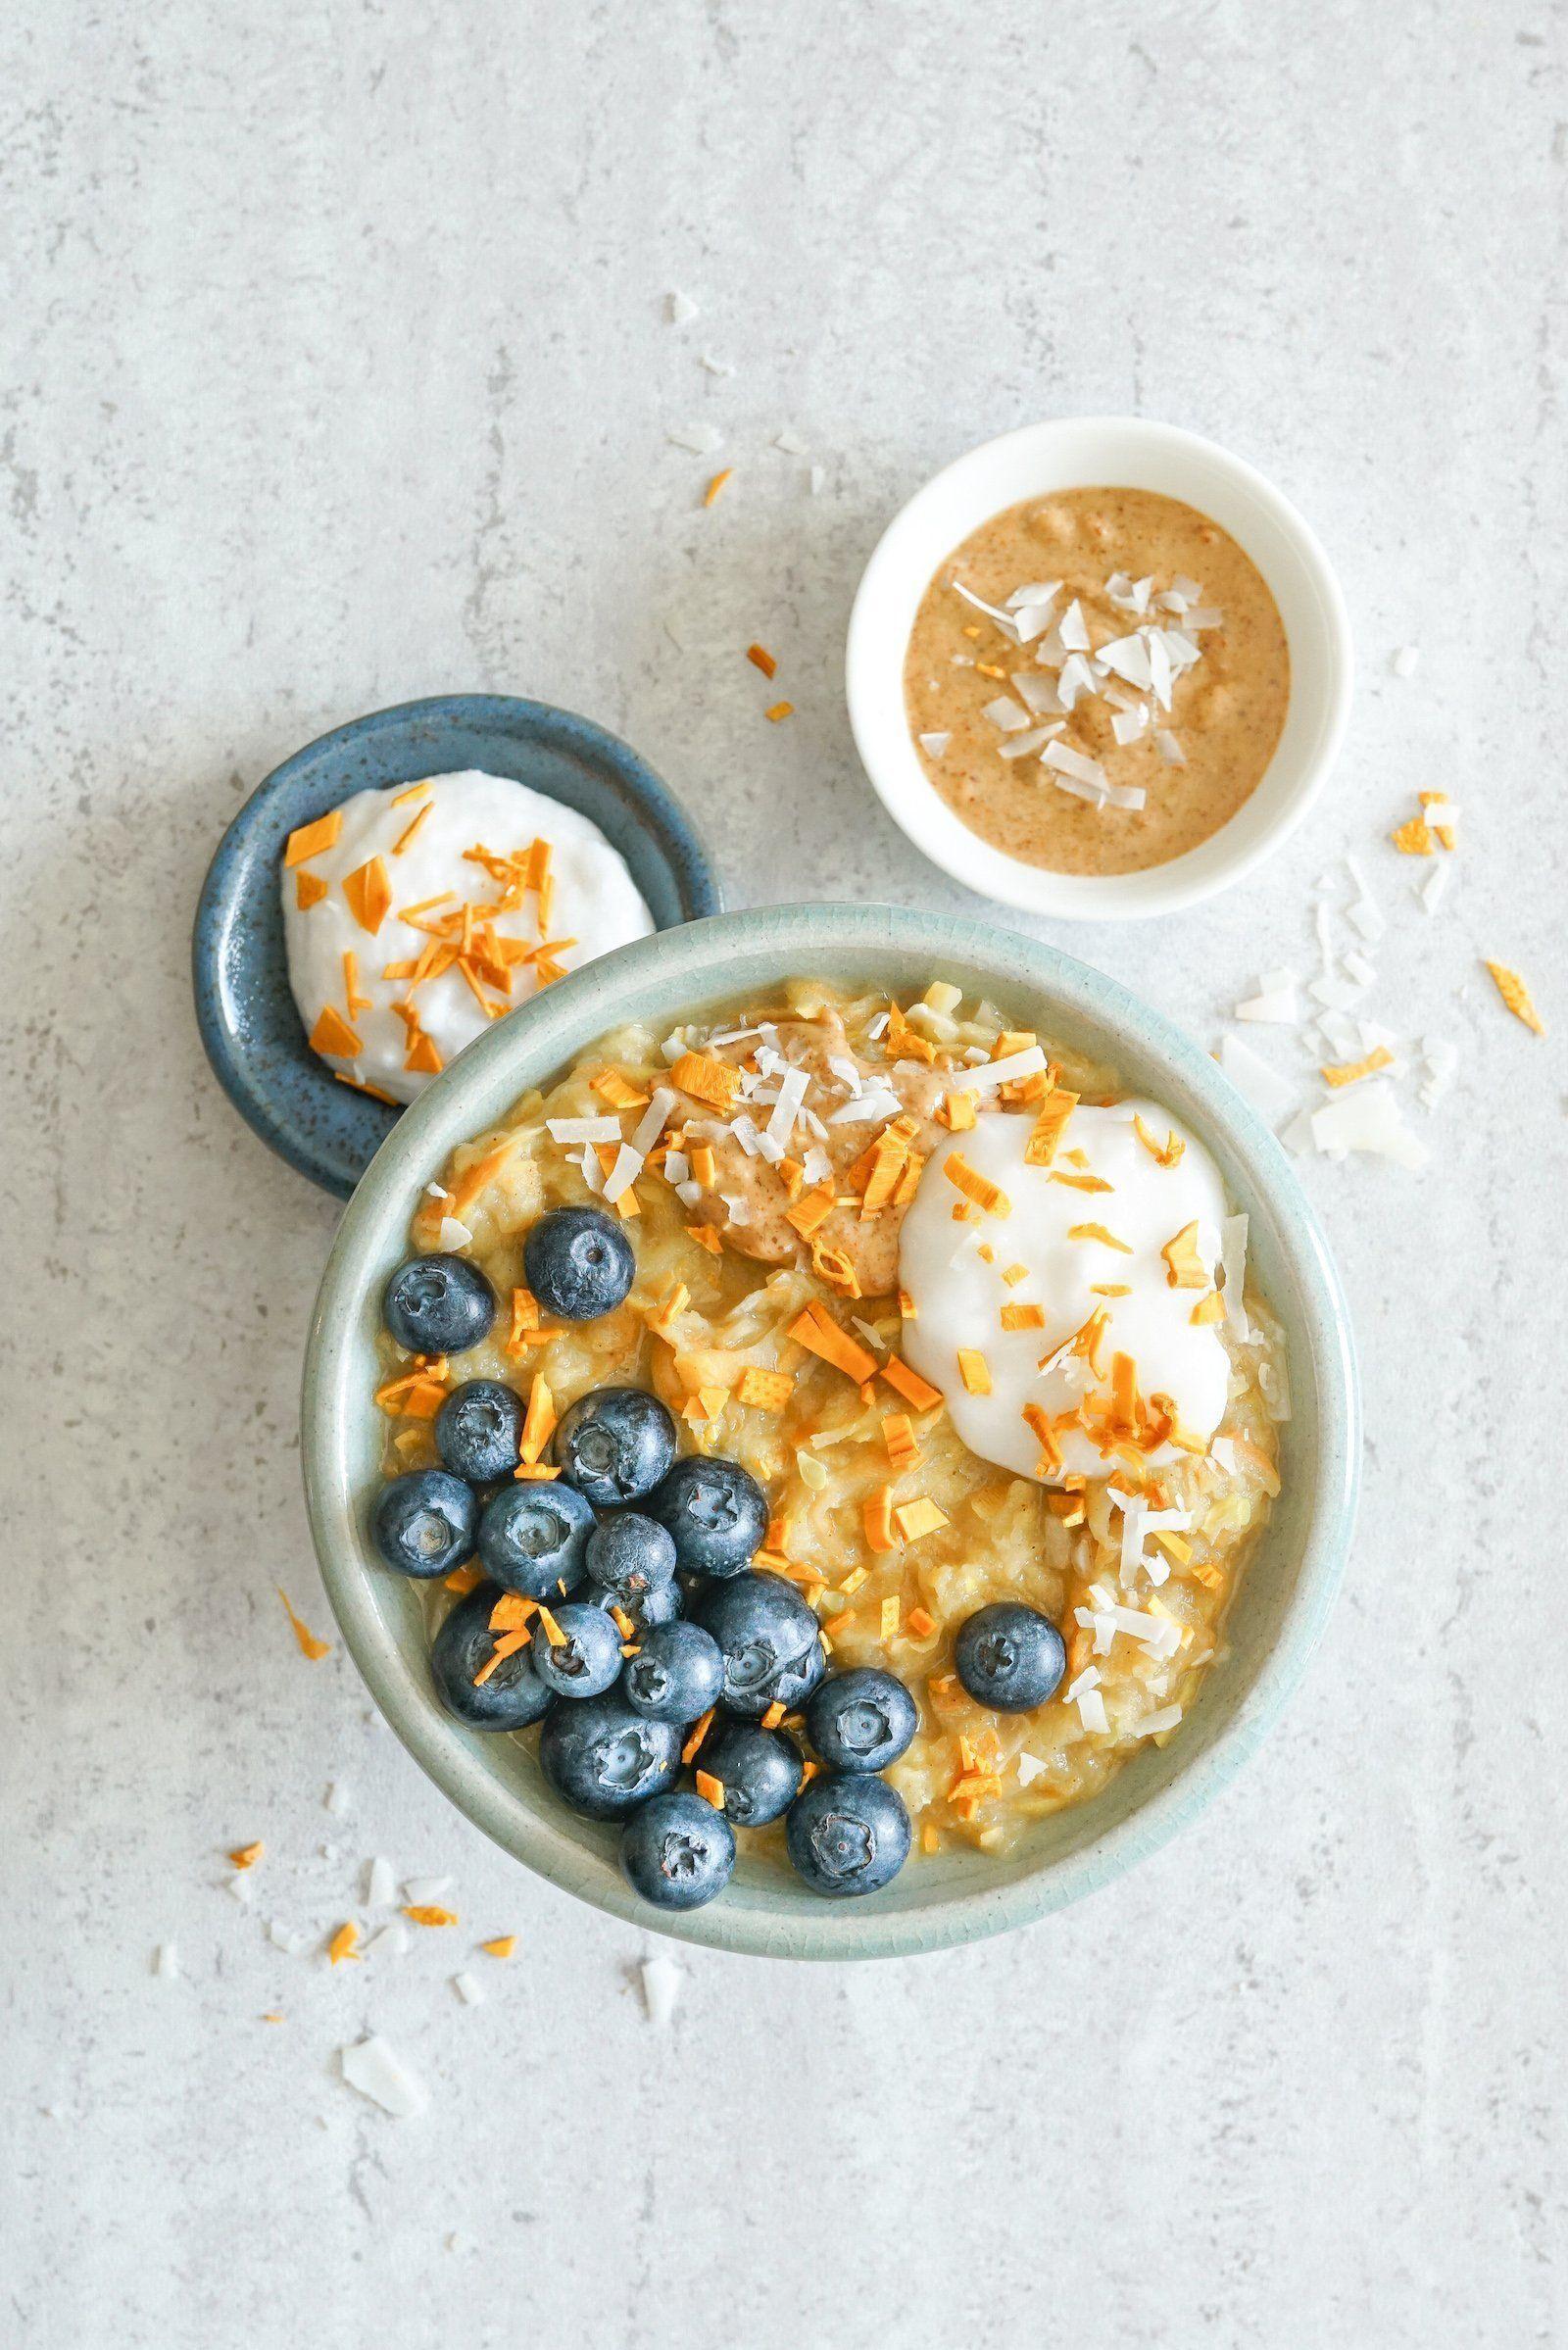 49d58f760fb898f60e1f48bfaf27ed43 - Porridge Ricette